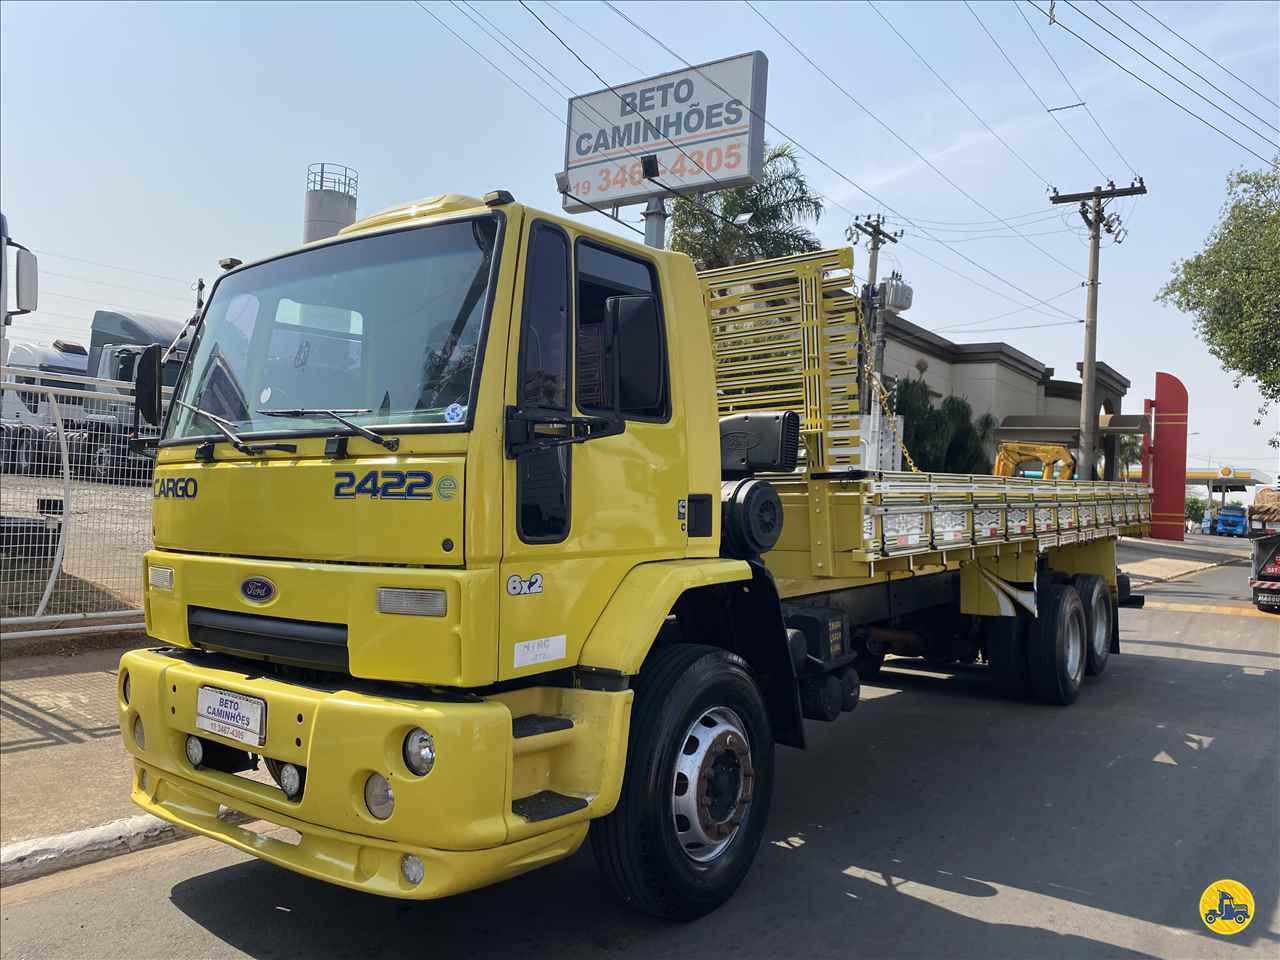 CAMINHAO FORD CARGO 2422 Carga Seca Truck 6x2 Beto Caminhões Piracicaba AMERICANA SÃO PAULO SP